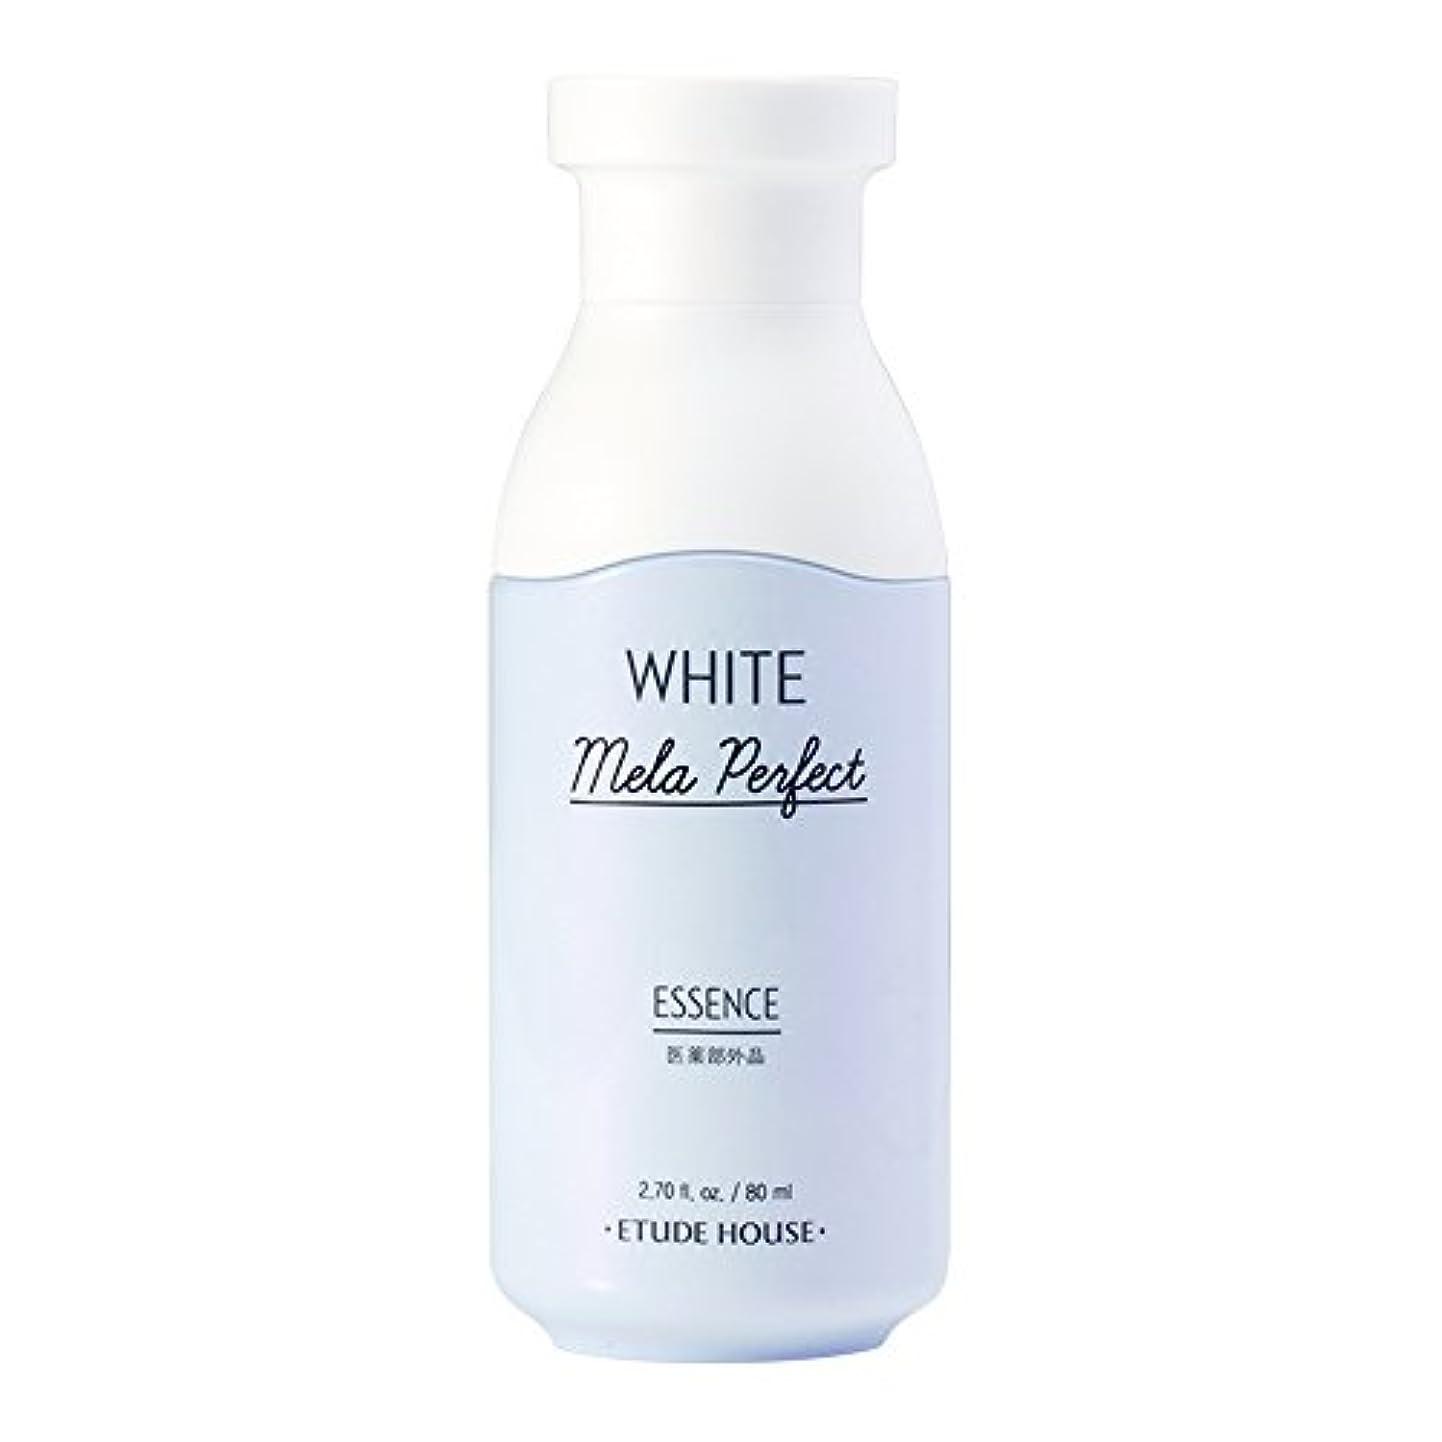 減らす唇製油所エチュードハウス(ETUDE HOUSE) ホワイトメラパーフェクト エッセンス [美容液、美白エッセンス]